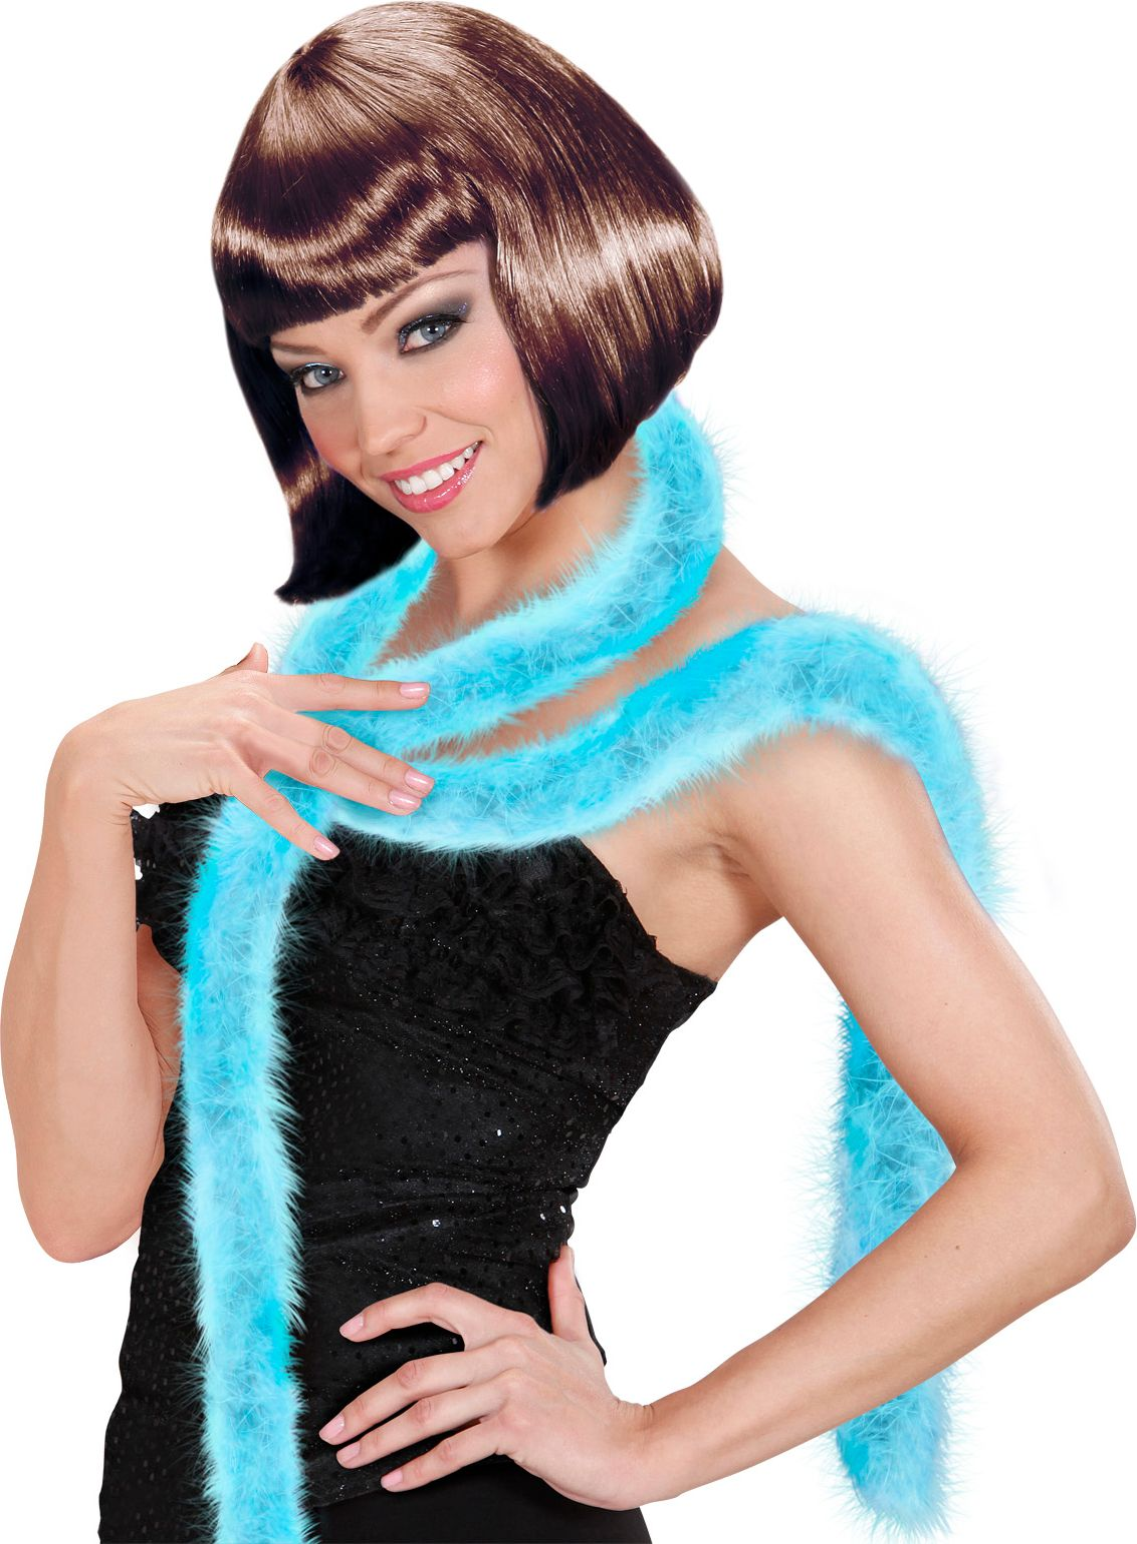 Marabou boa lichtblauw